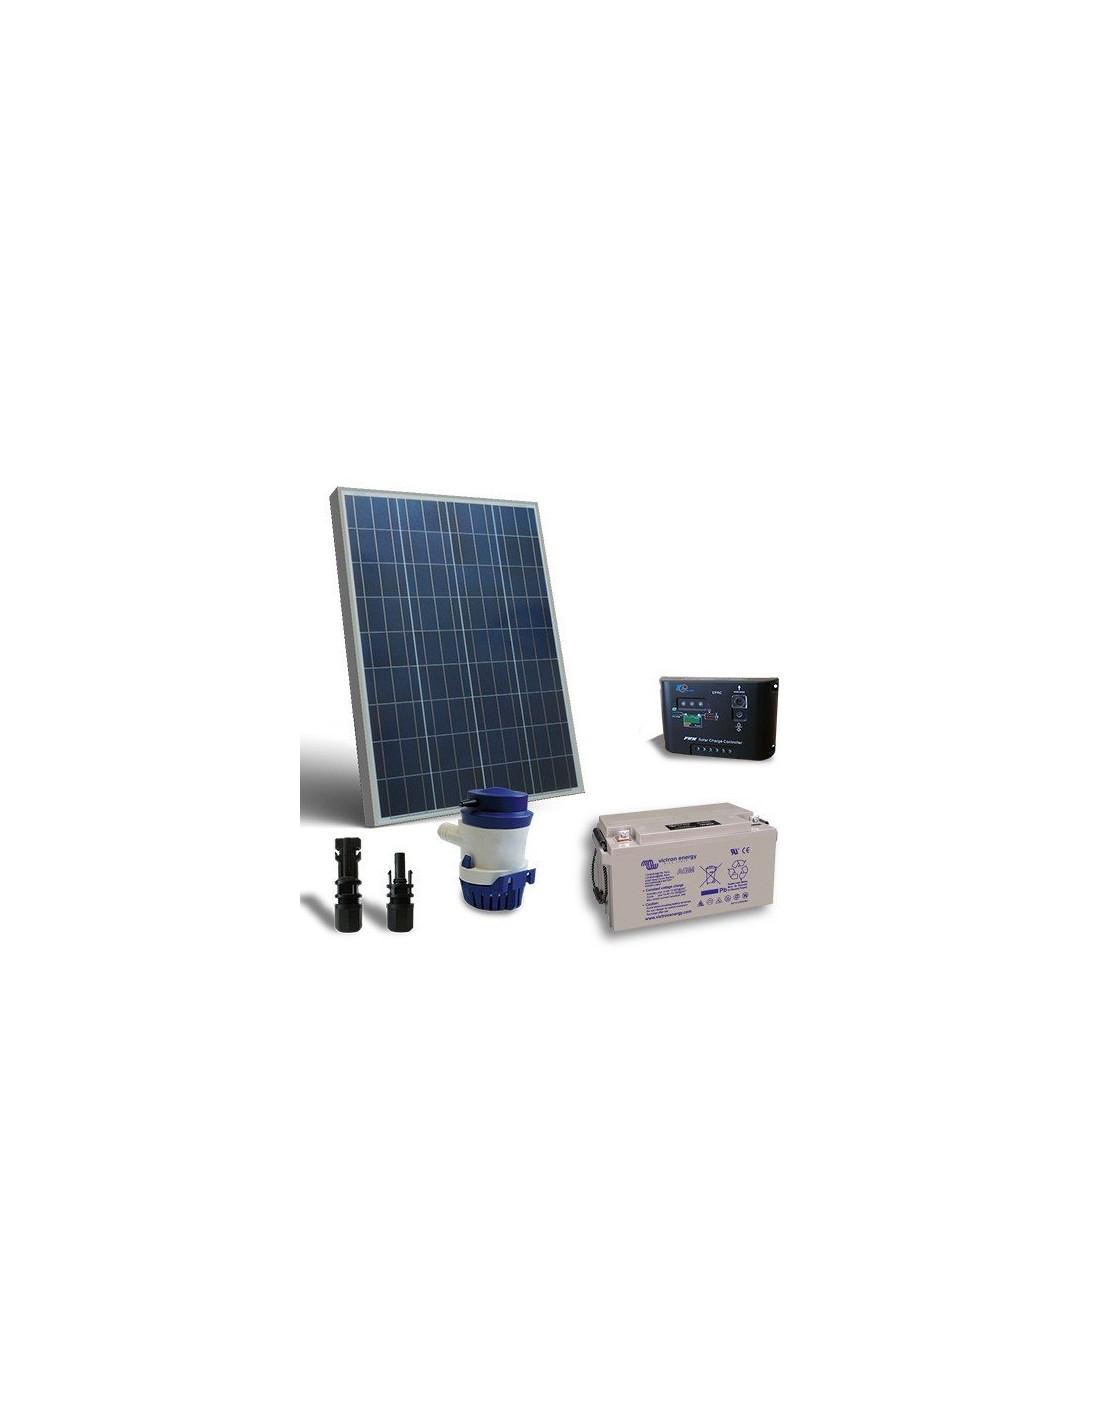 Kit Pannello Solare 12v : Kit solare irrigazione l m v pannello regolatore pompa